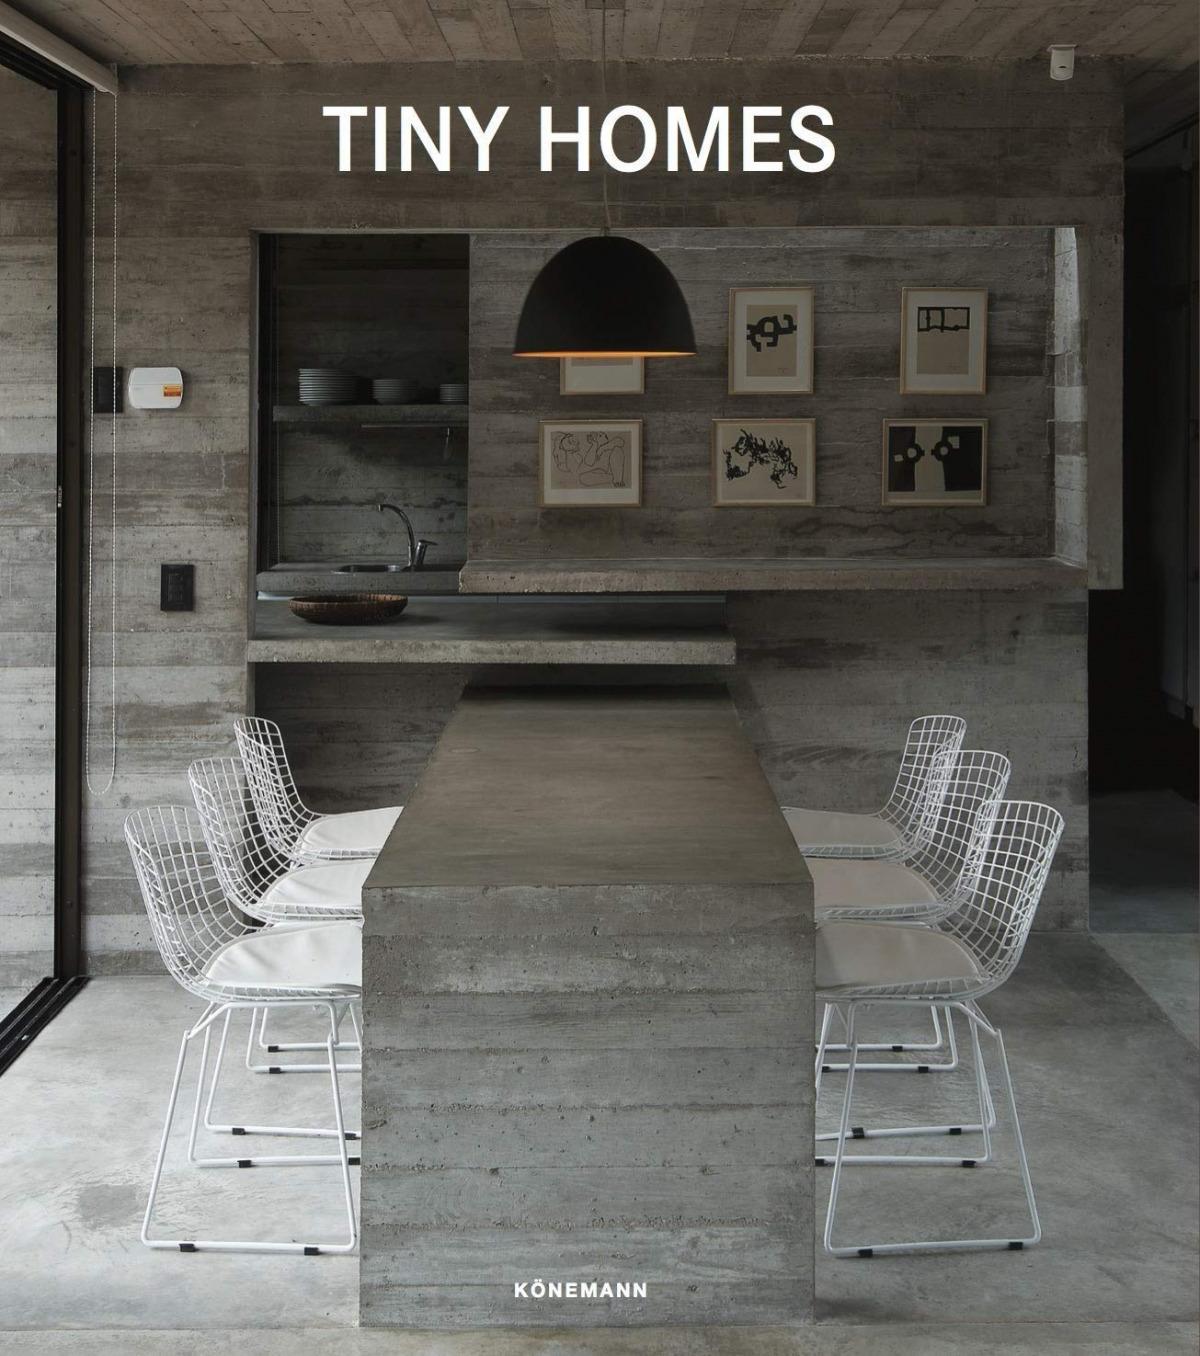 TINY HOMES 9783741921056